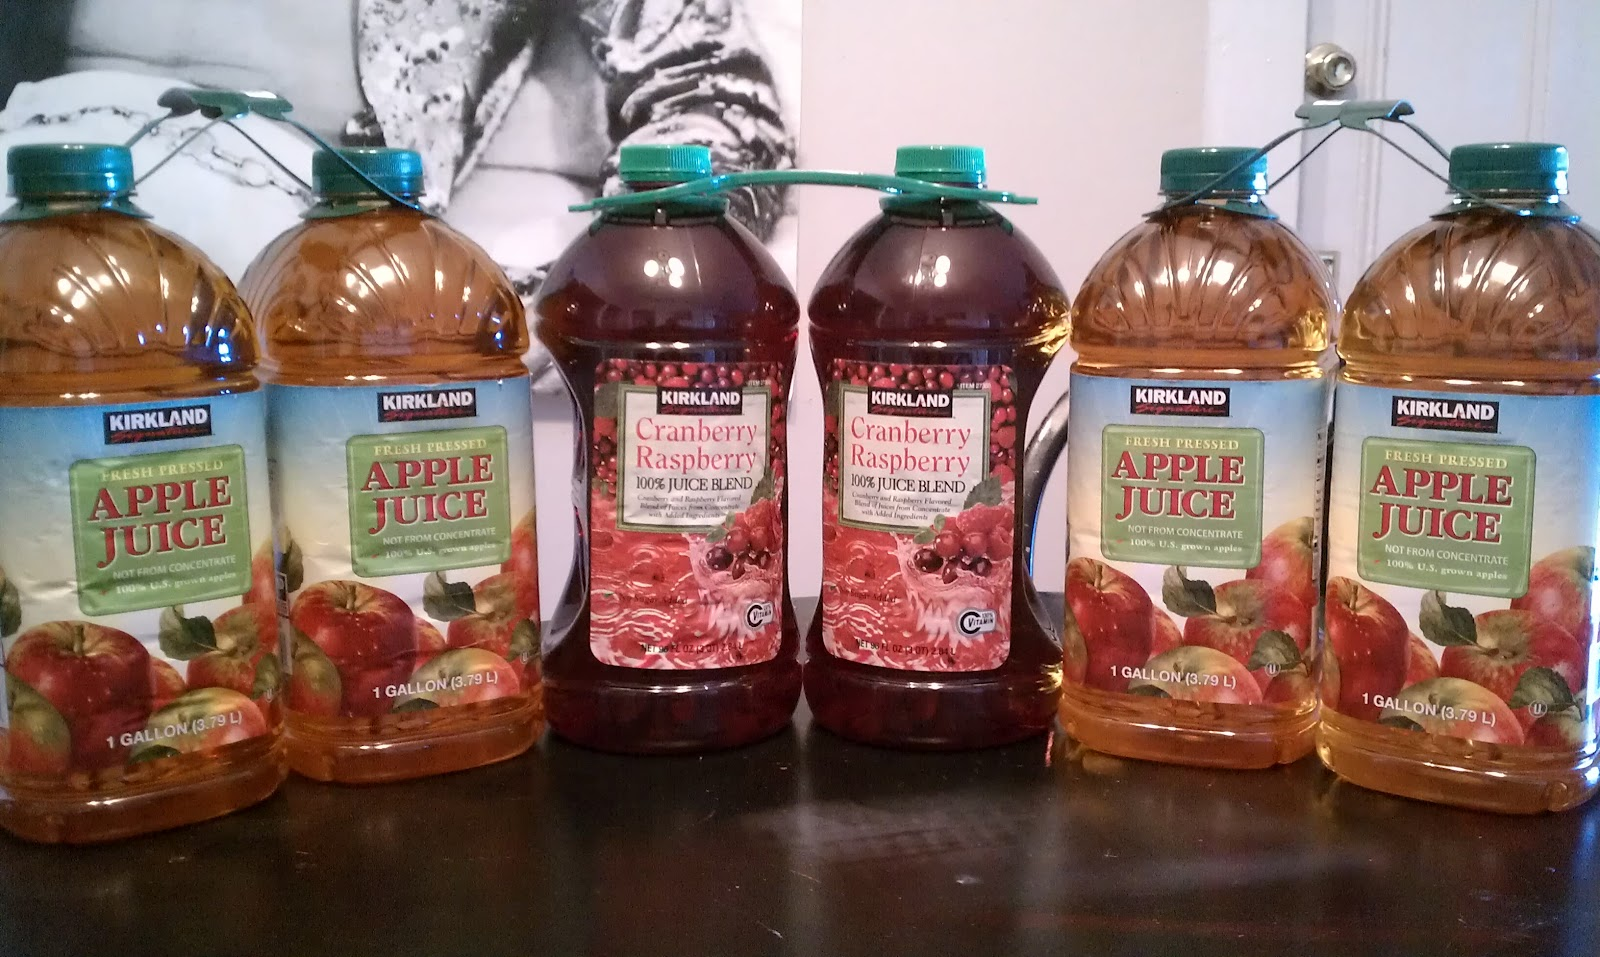 Apple juice wine recipe 1 gallon